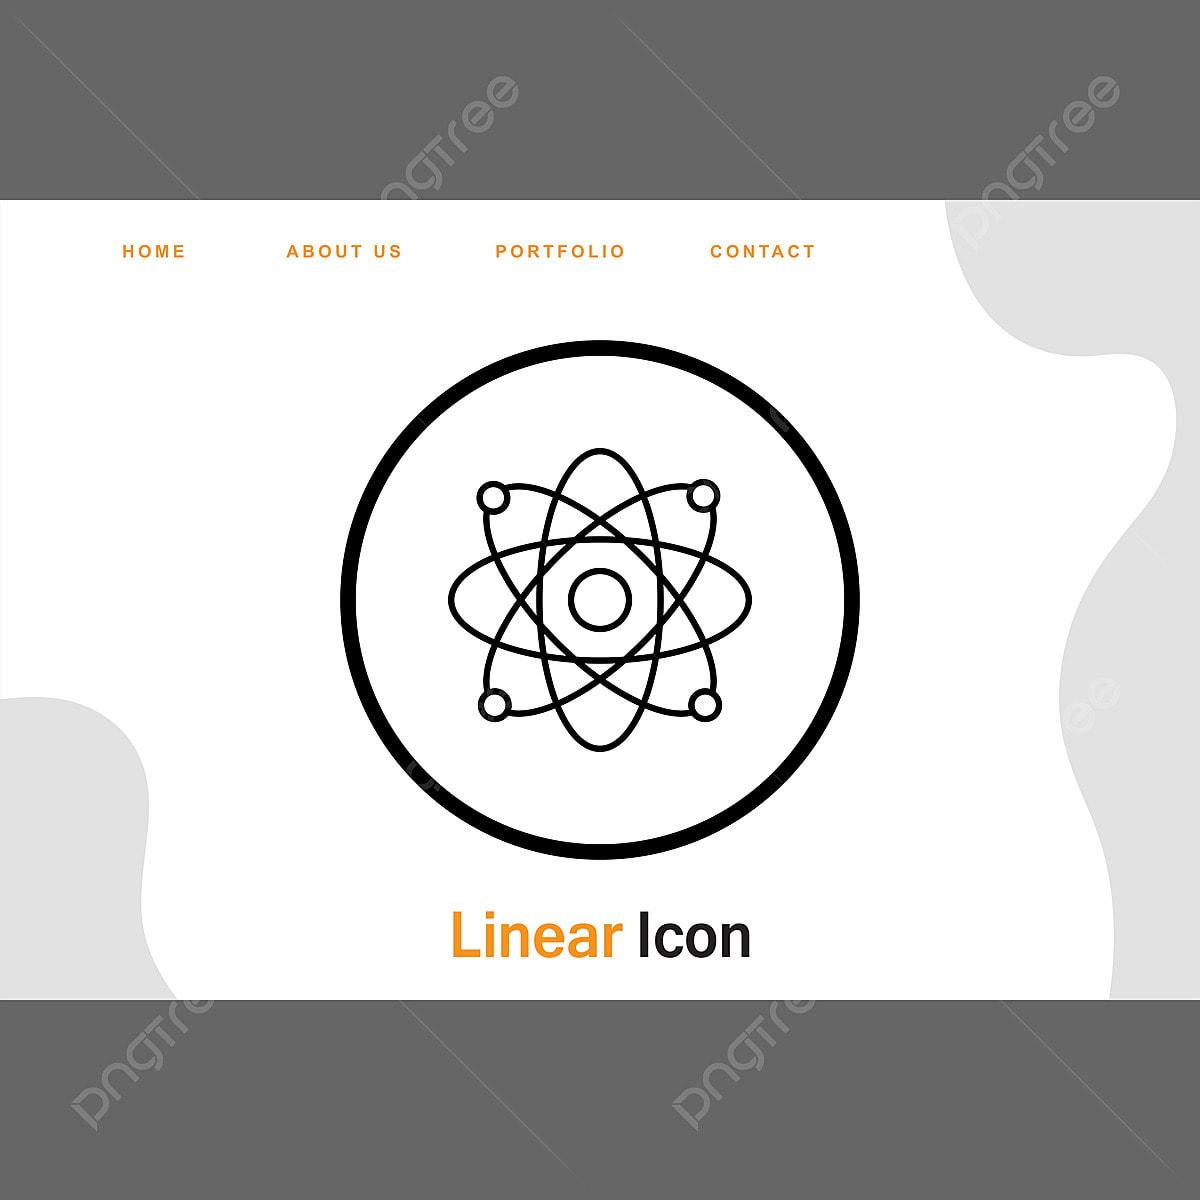 ícone De Estrutura De átomo Para Seus Sites E Projetos De